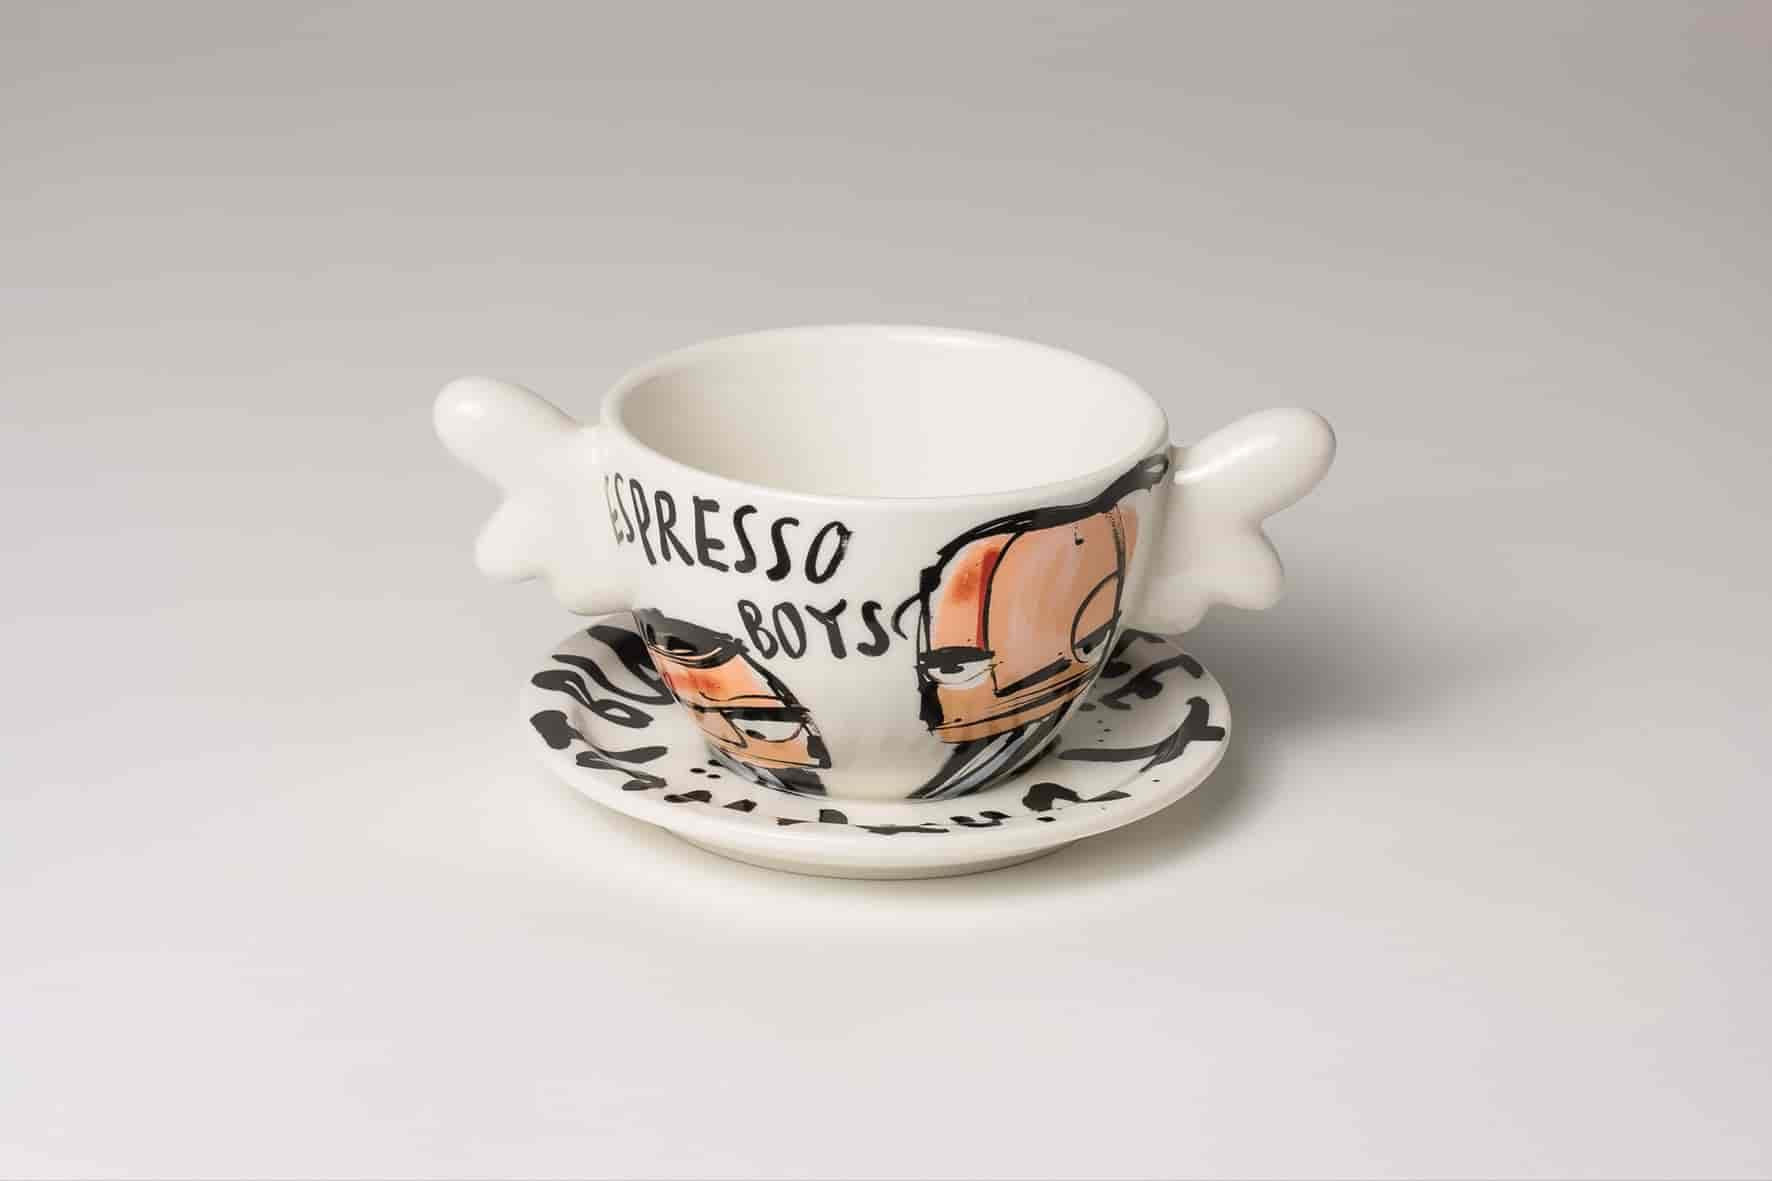 Espresso Boys Heavenly Coffee Cup